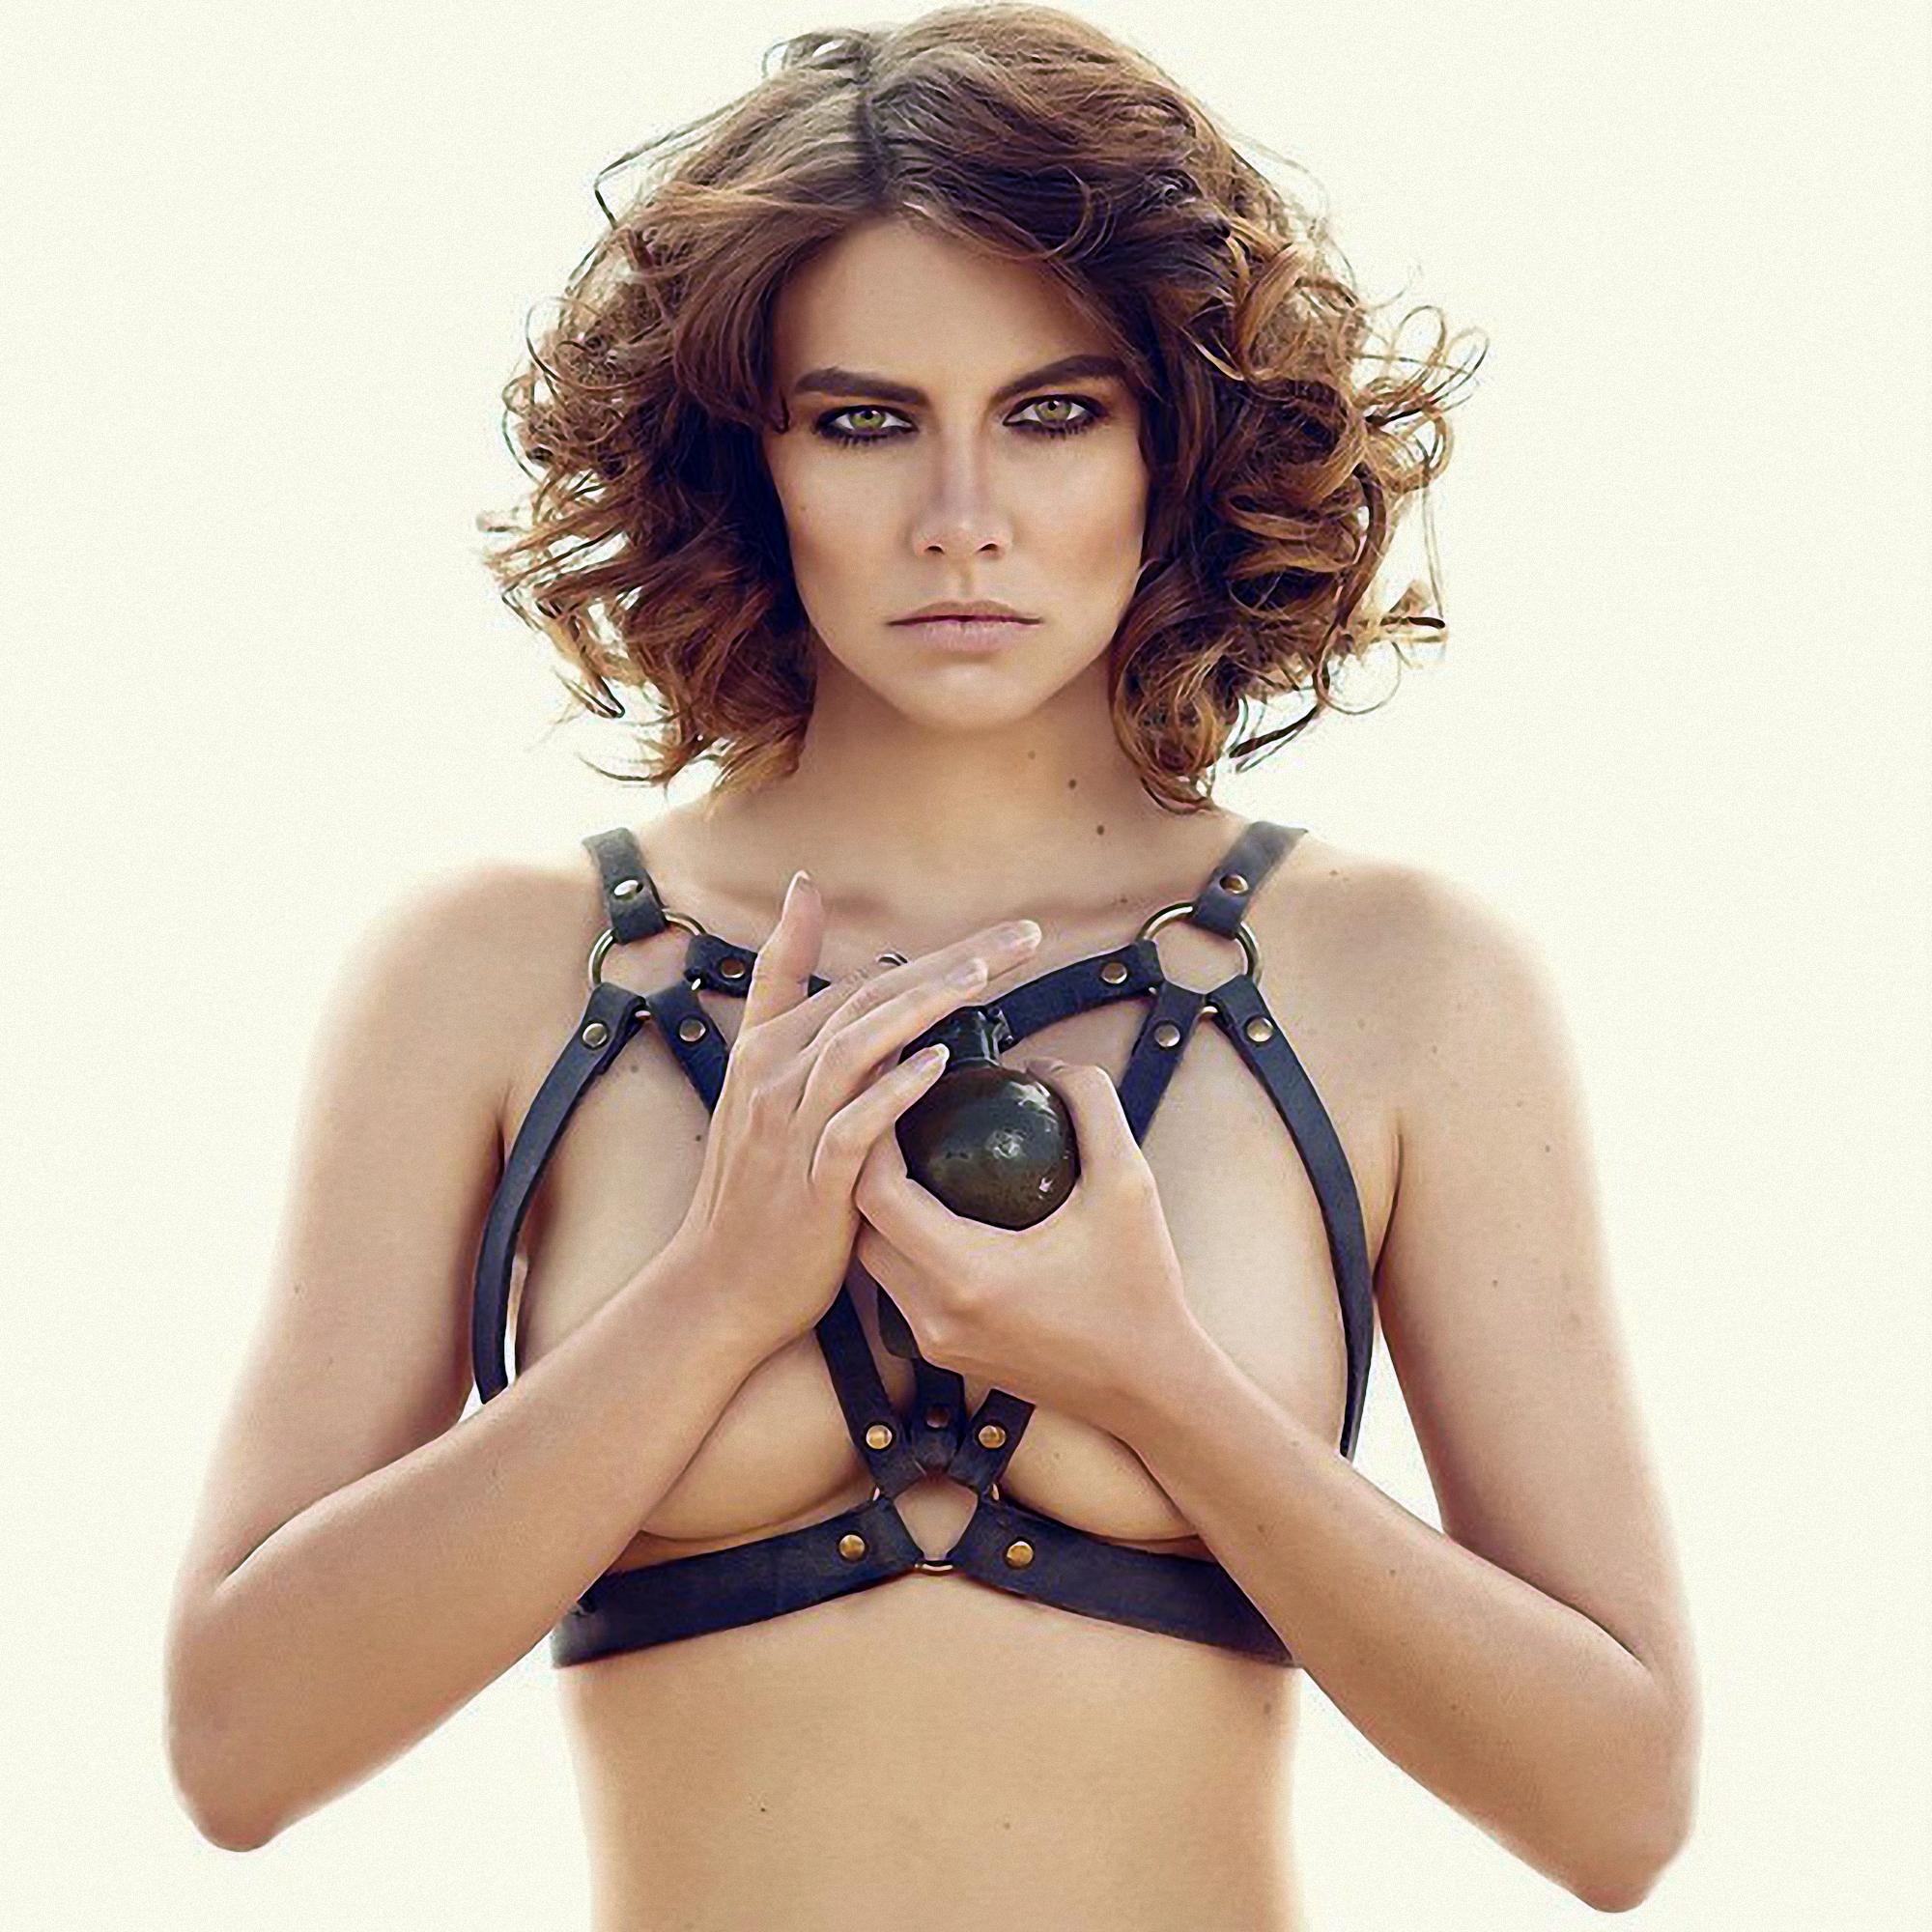 Lauren Cohan Topless Pics